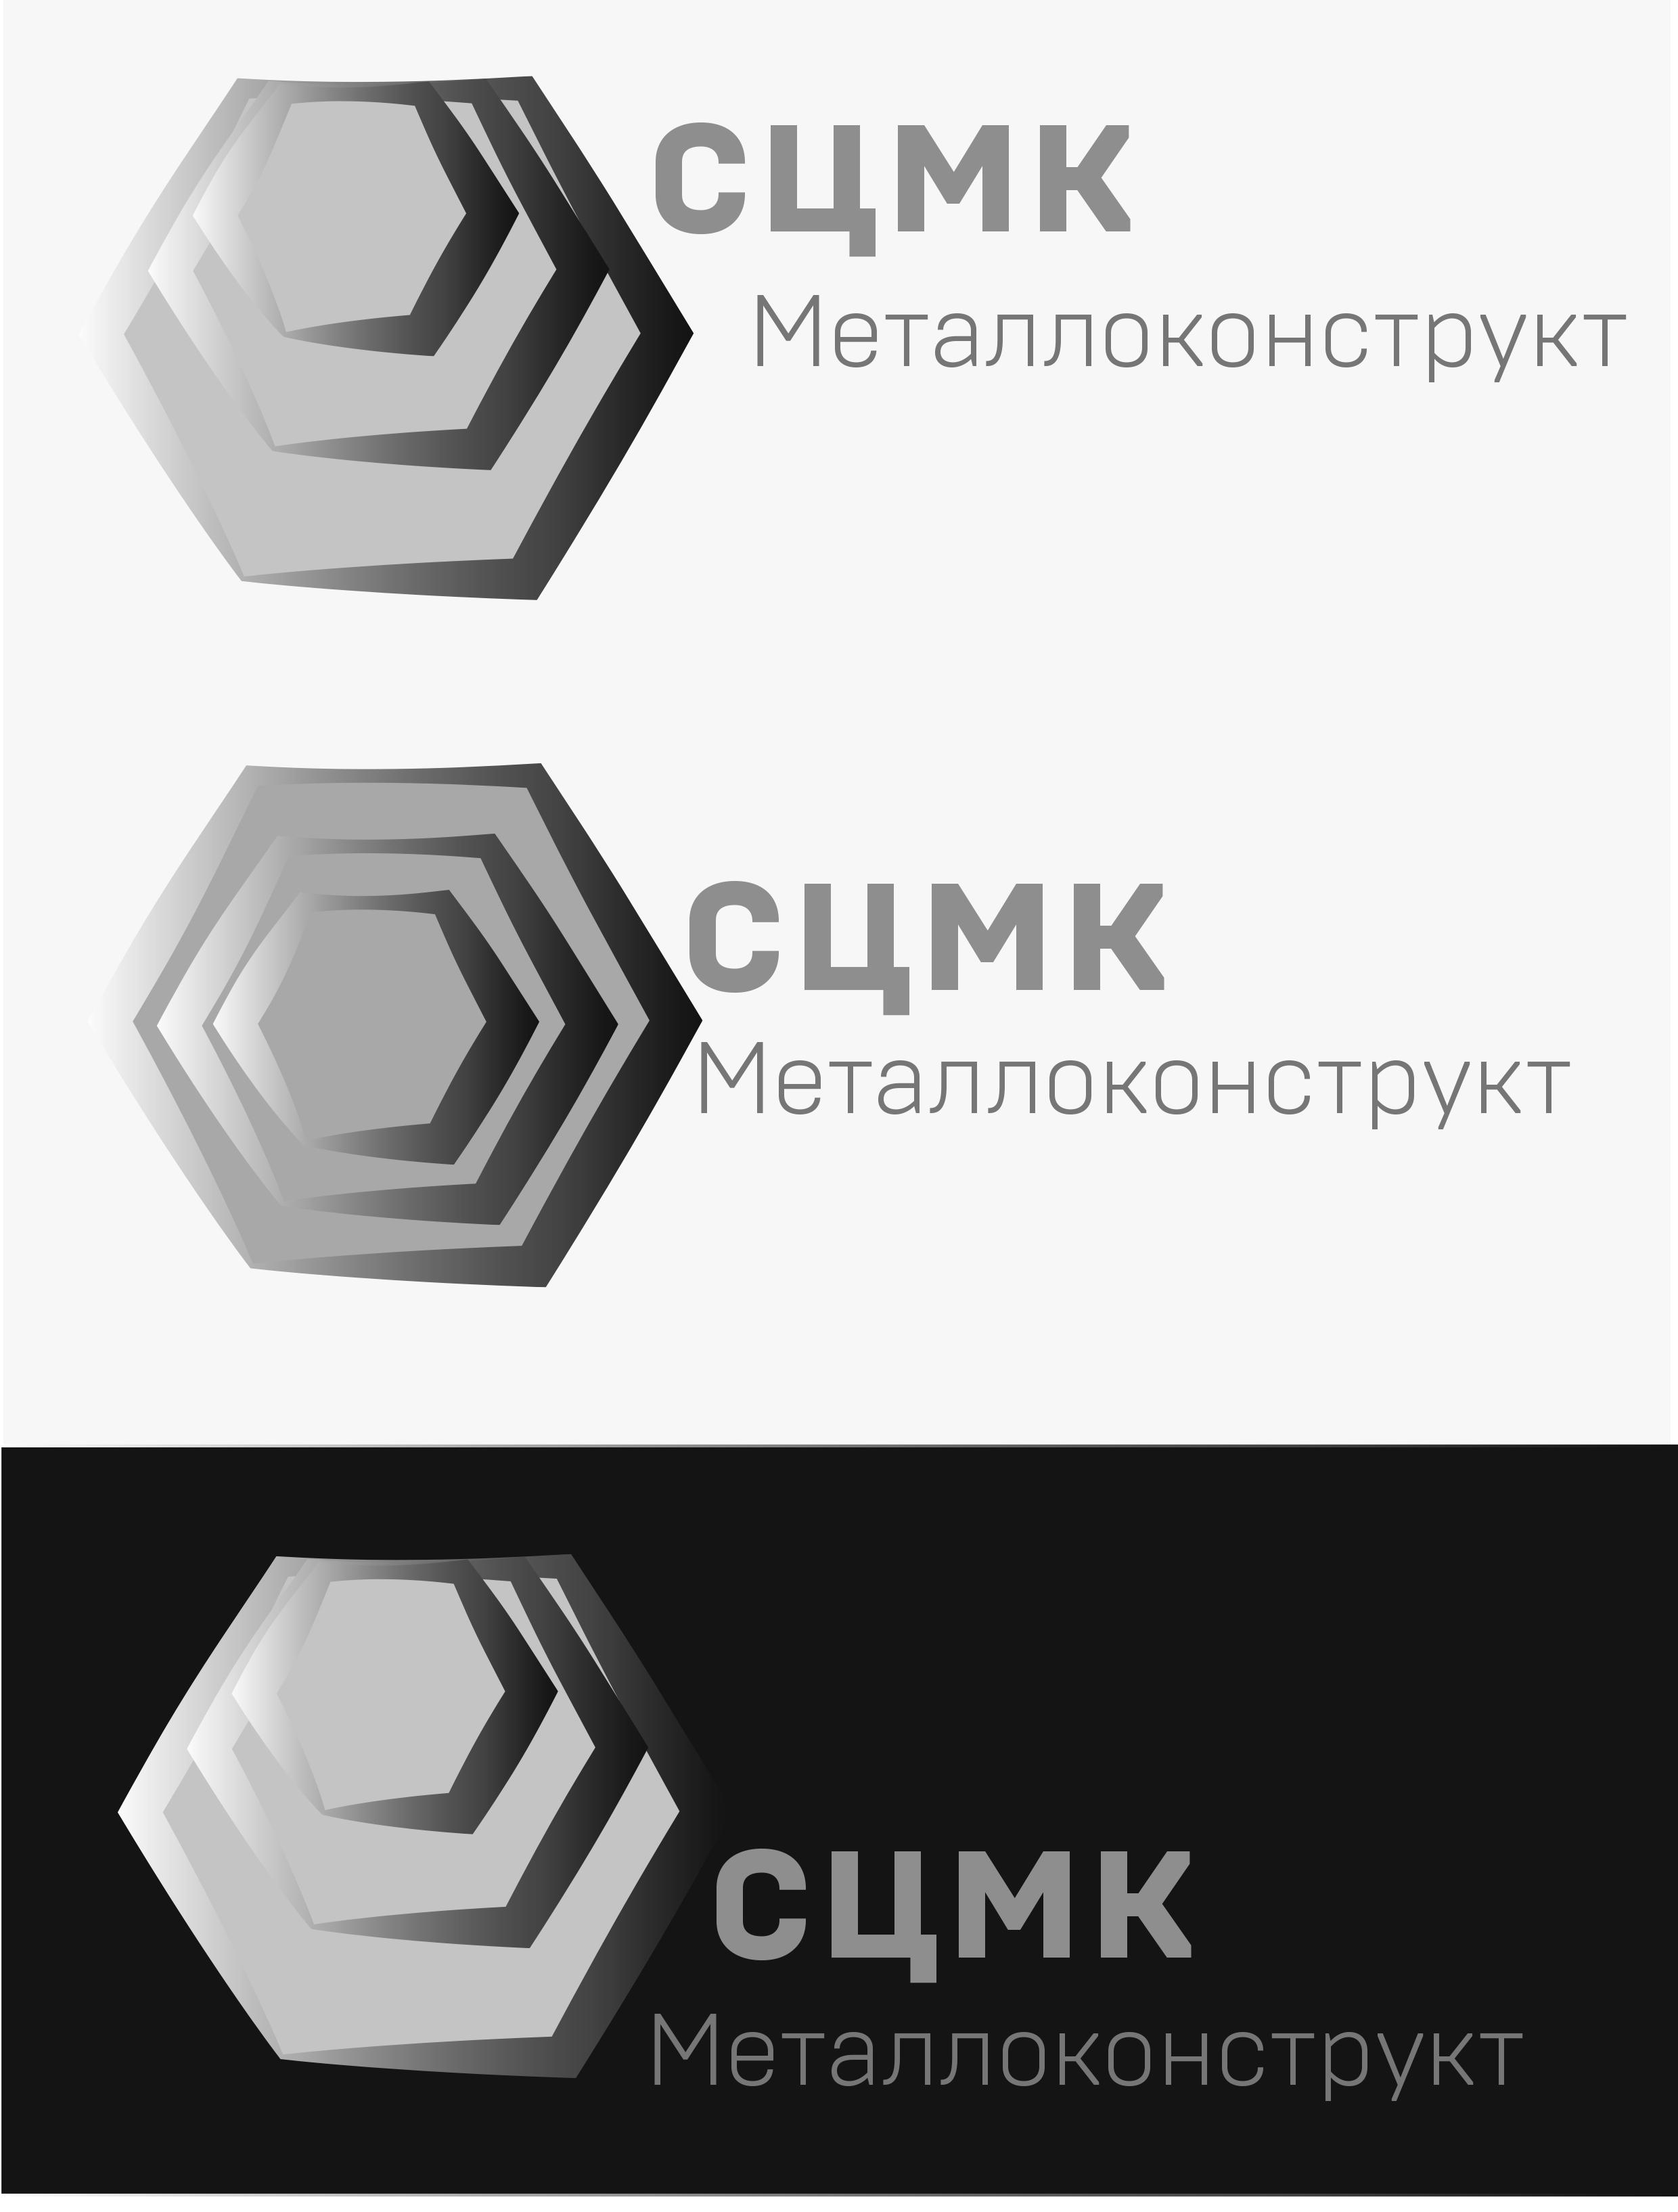 Разработка логотипа и фирменного стиля фото f_8335ad49ed839ea1.jpg